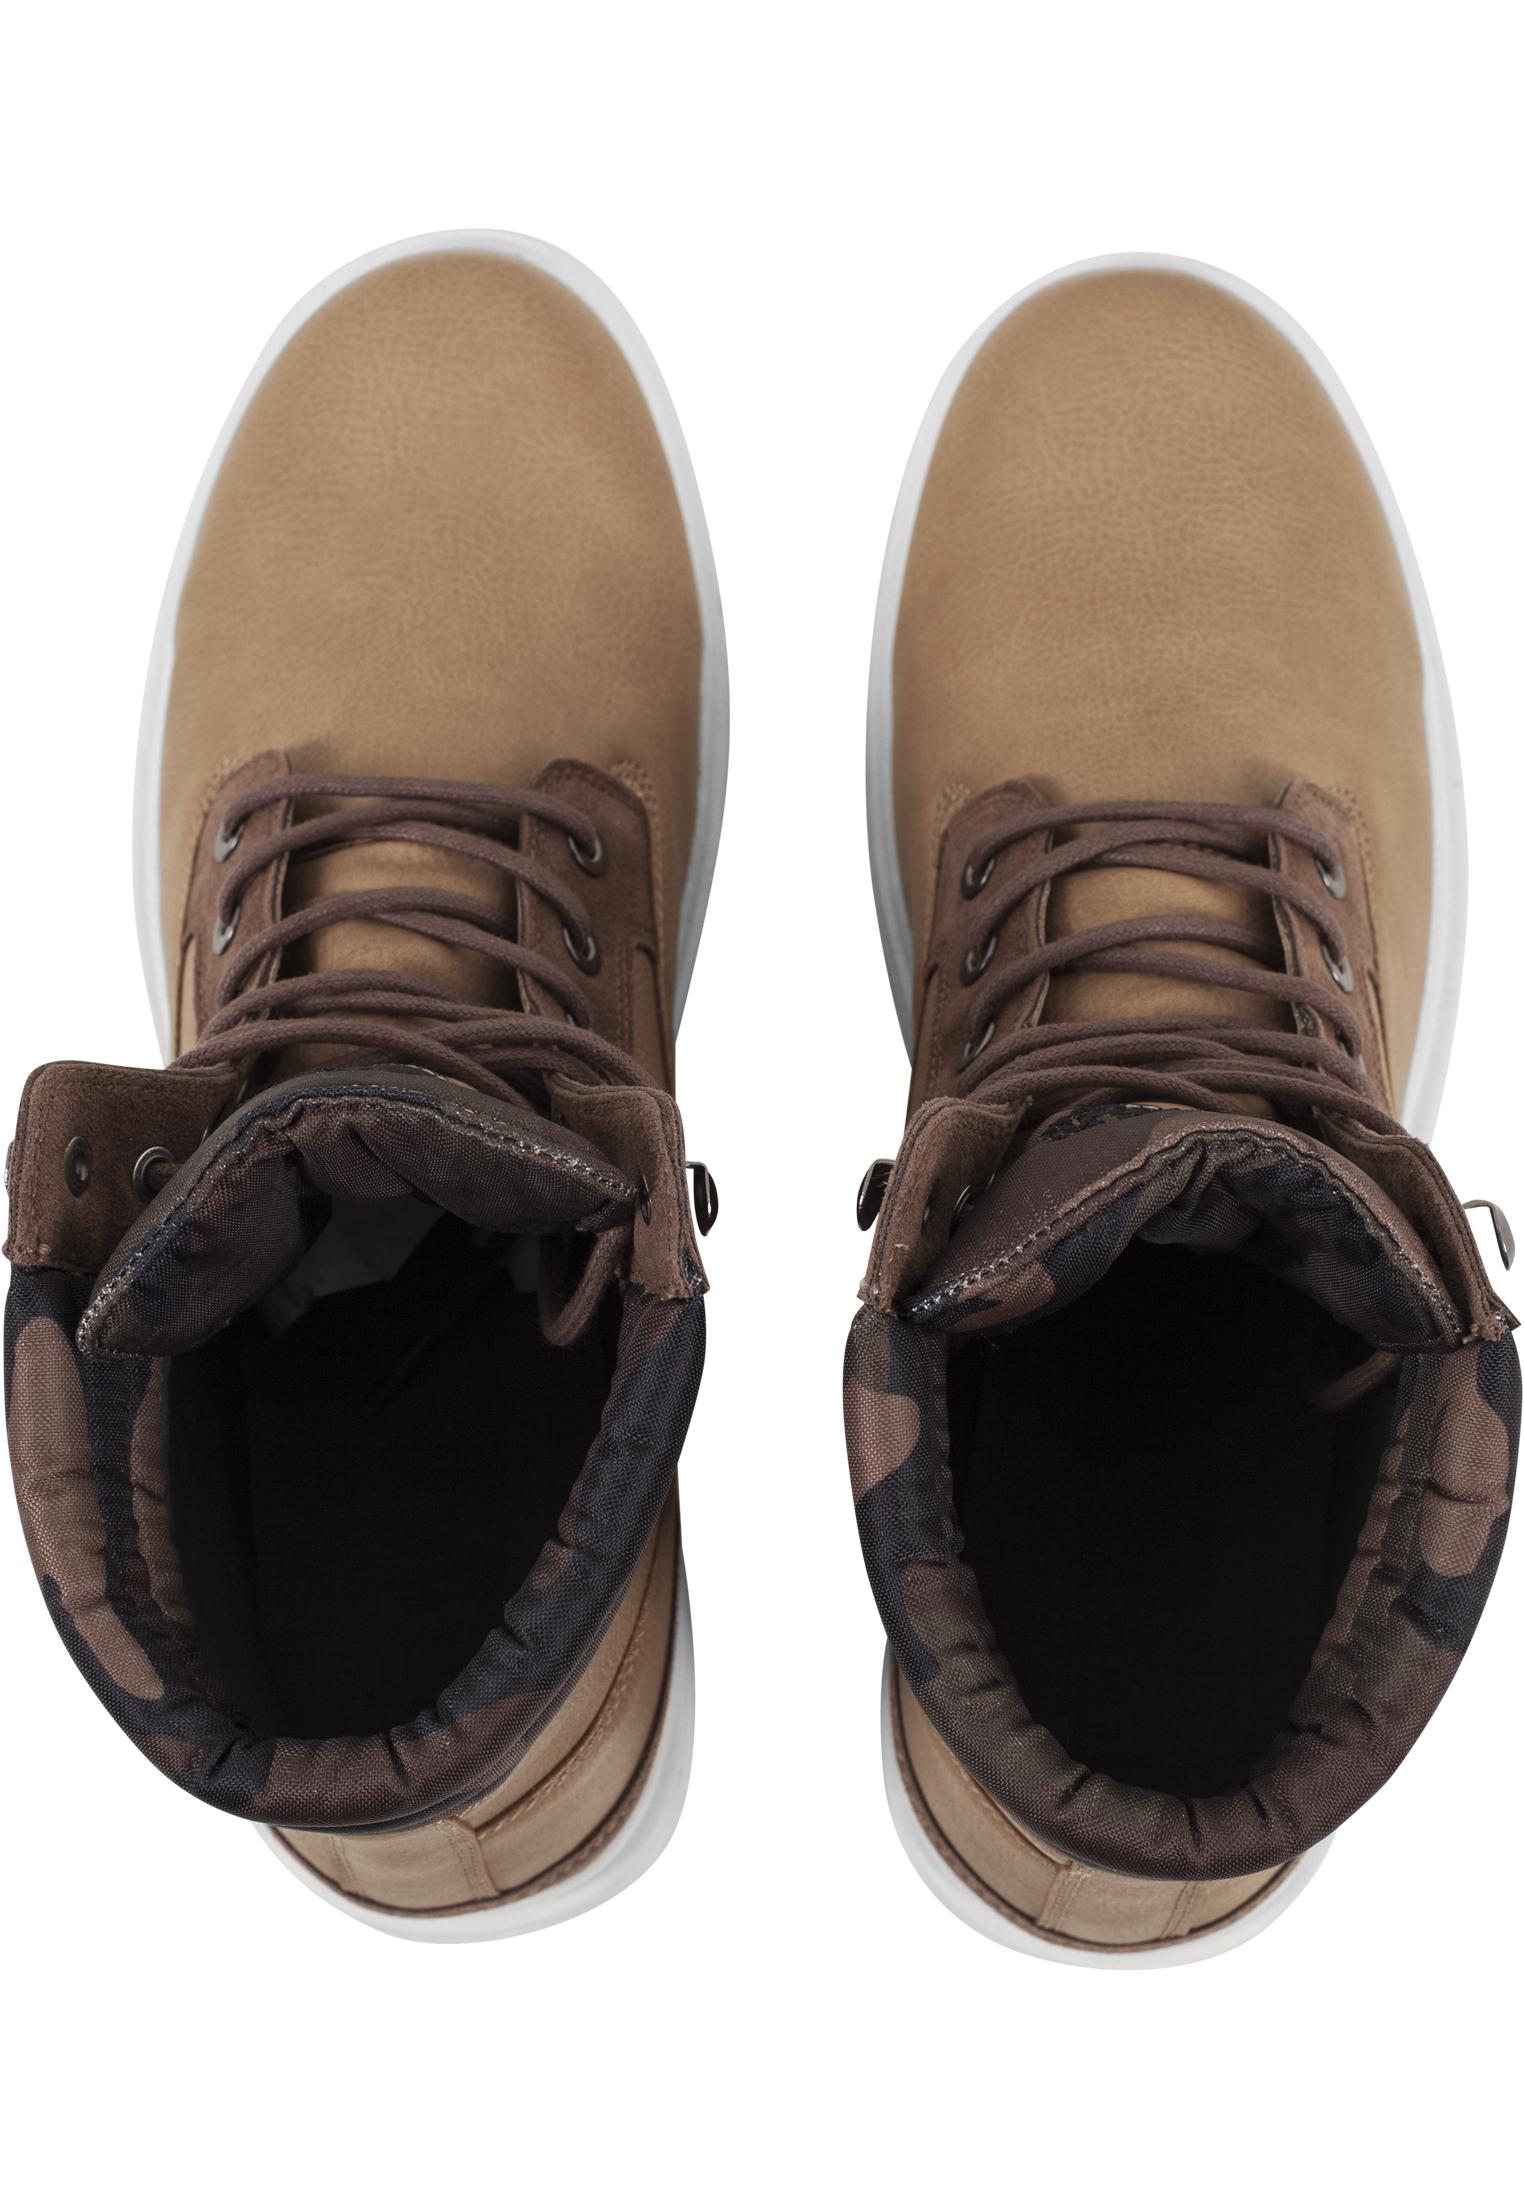 11675e368e14 ... Winter Boots Winter Boots